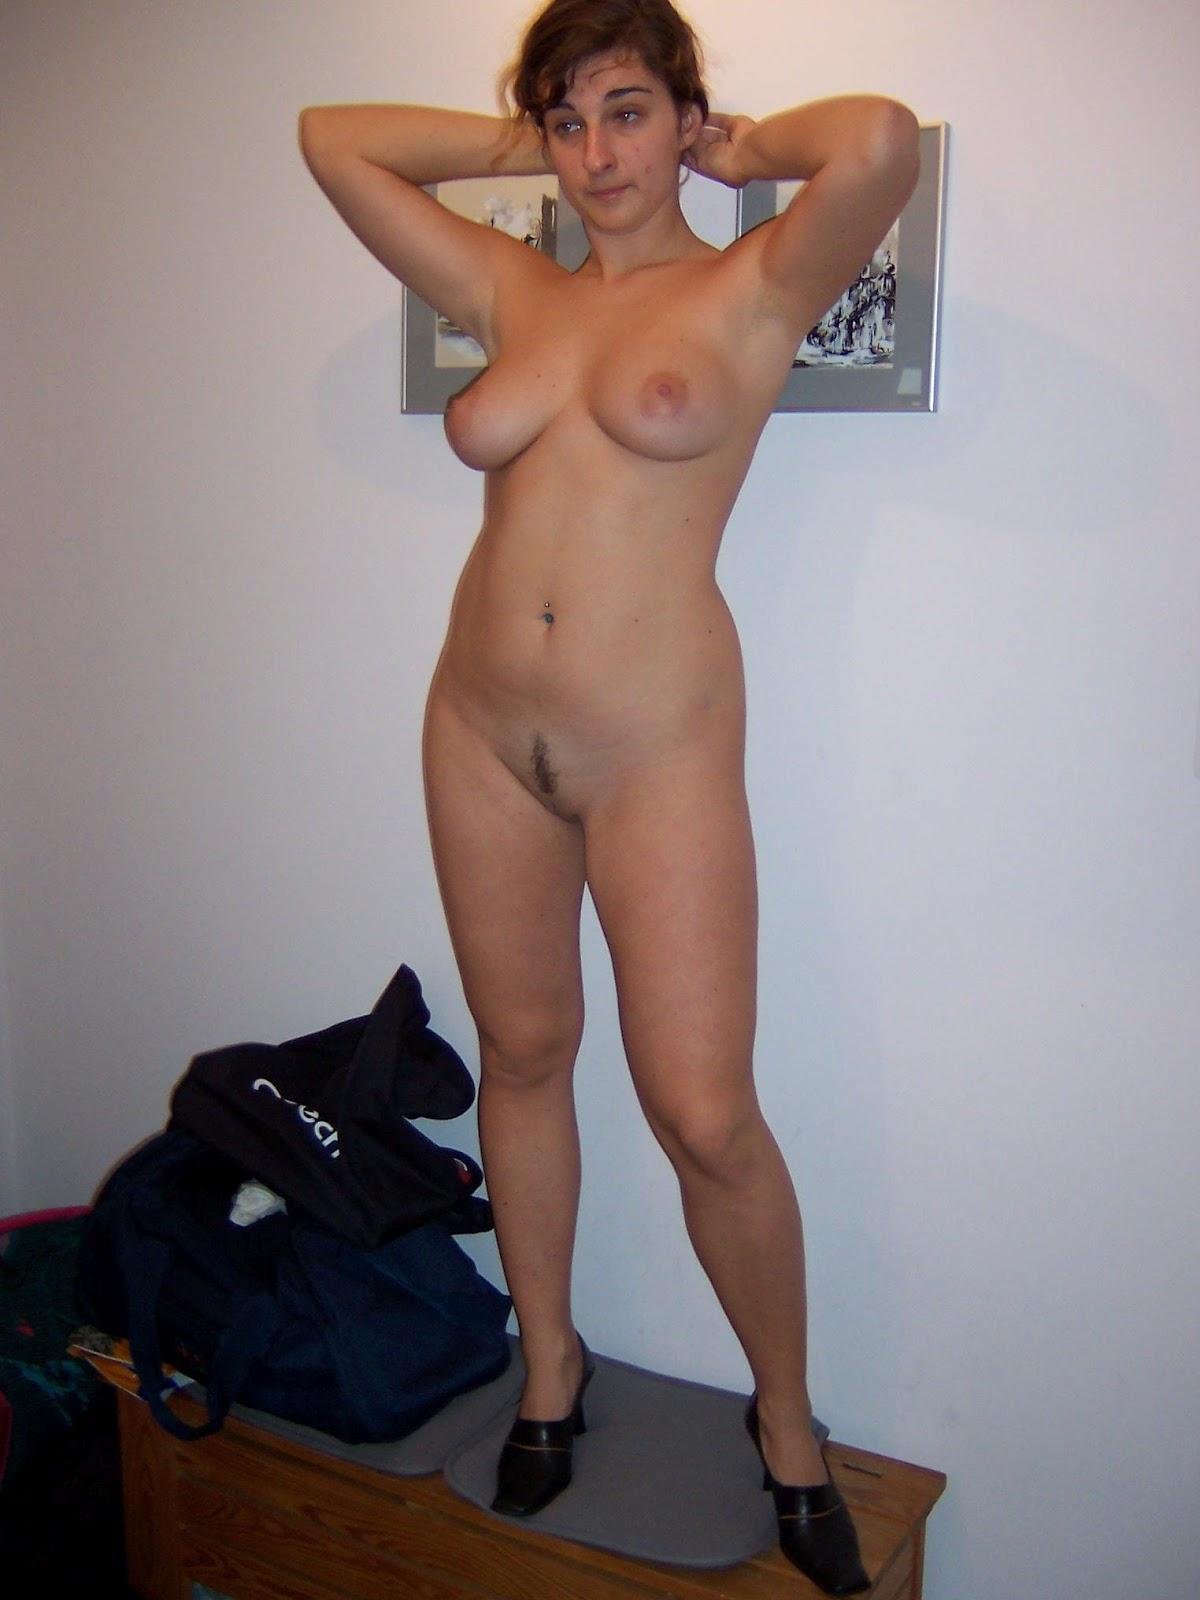 Meine frau nackt bilder